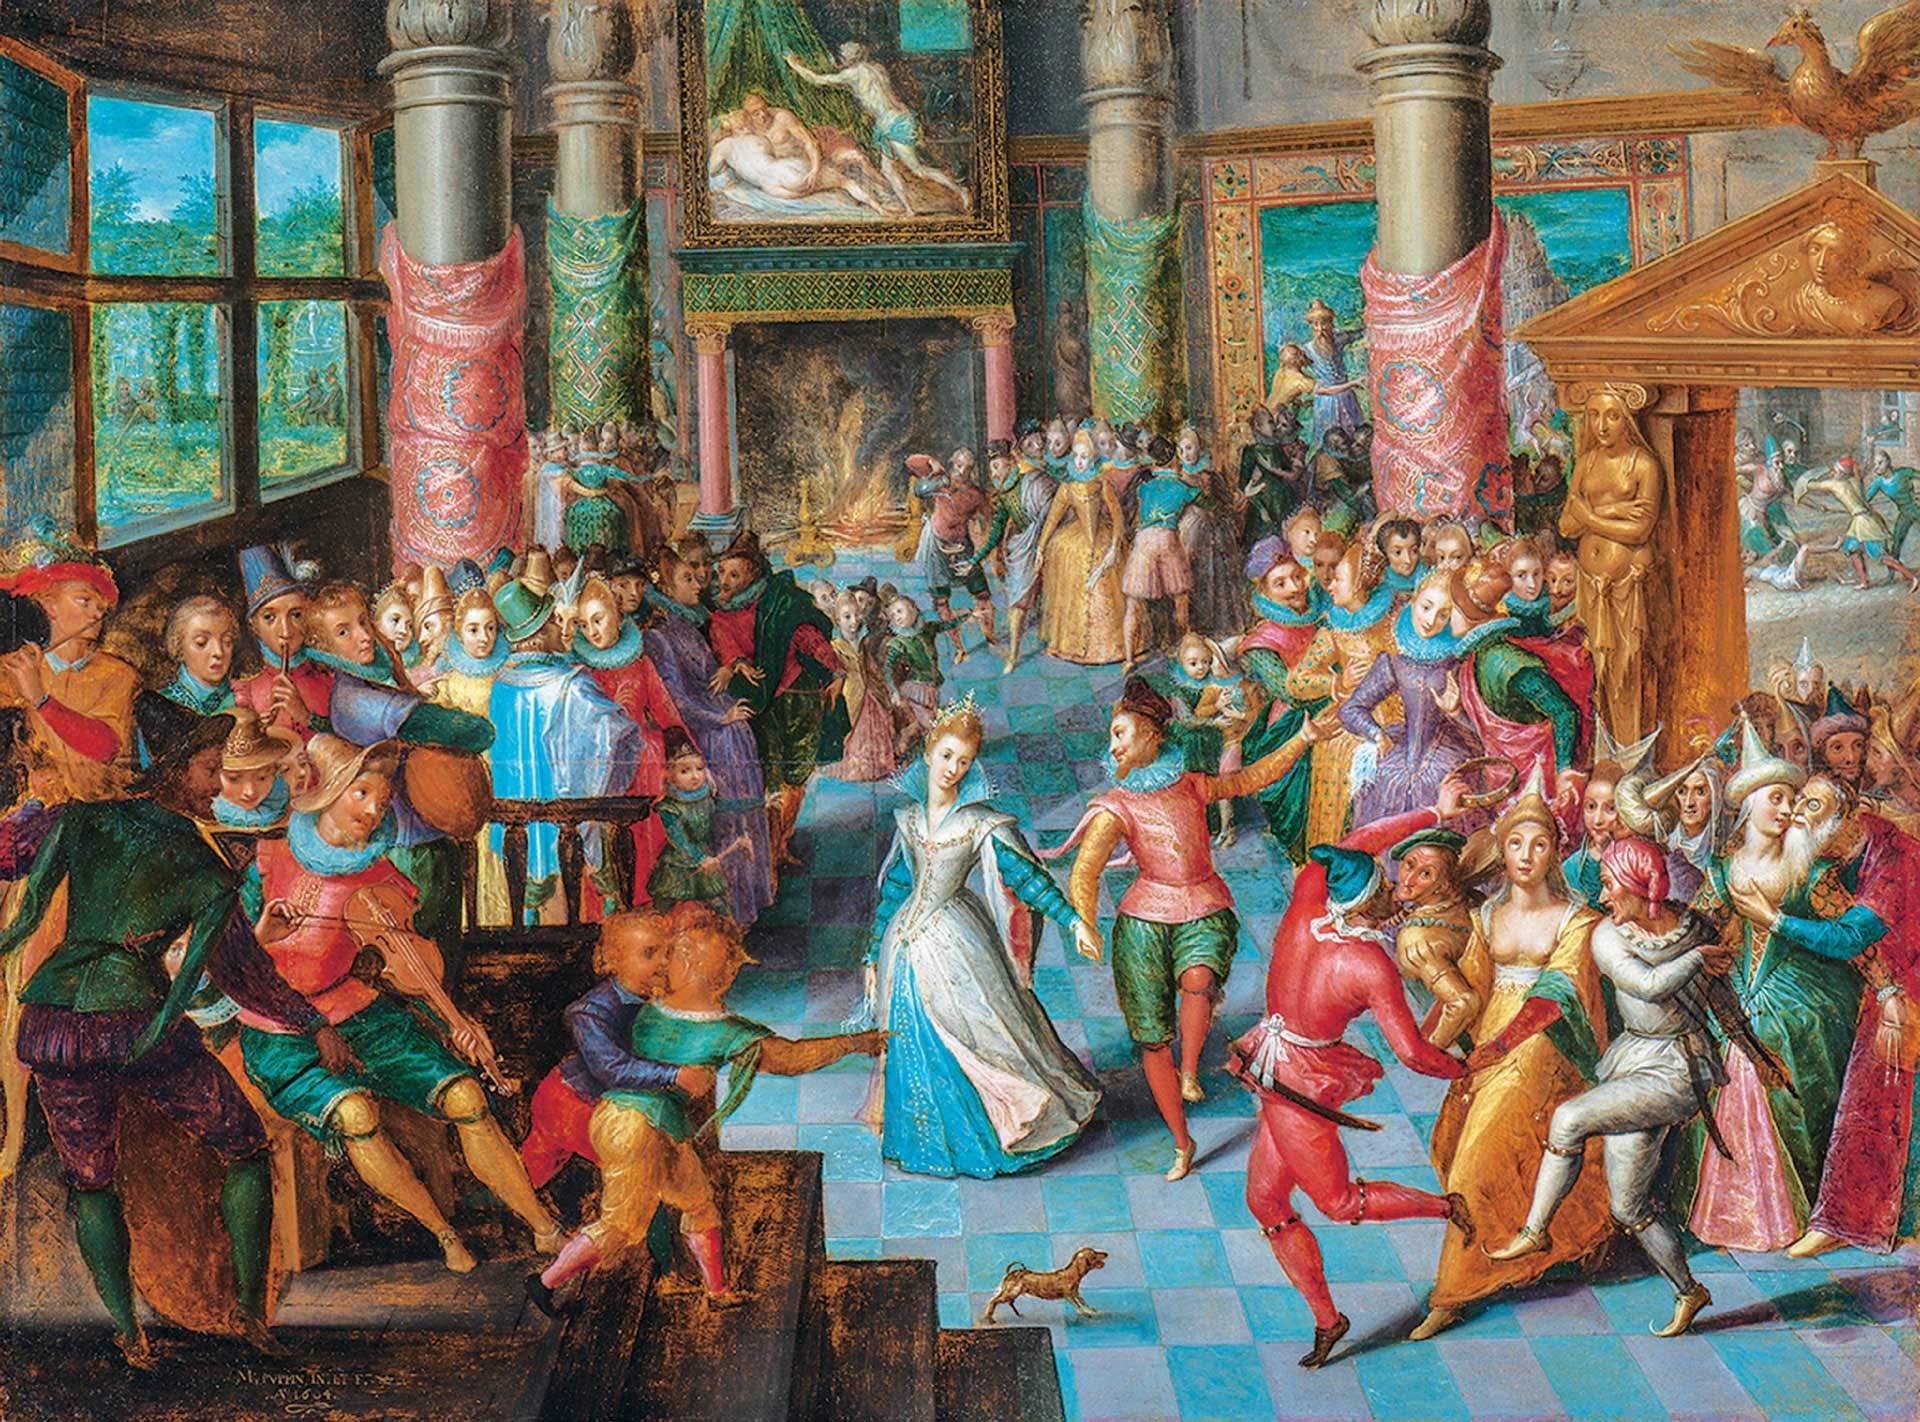 Marten Pepyn, Carnival Scene, 1604, tempera, oil and gold on wood, 50 x 67 cm. MMFA, Arthur M. Terroux Bequest.